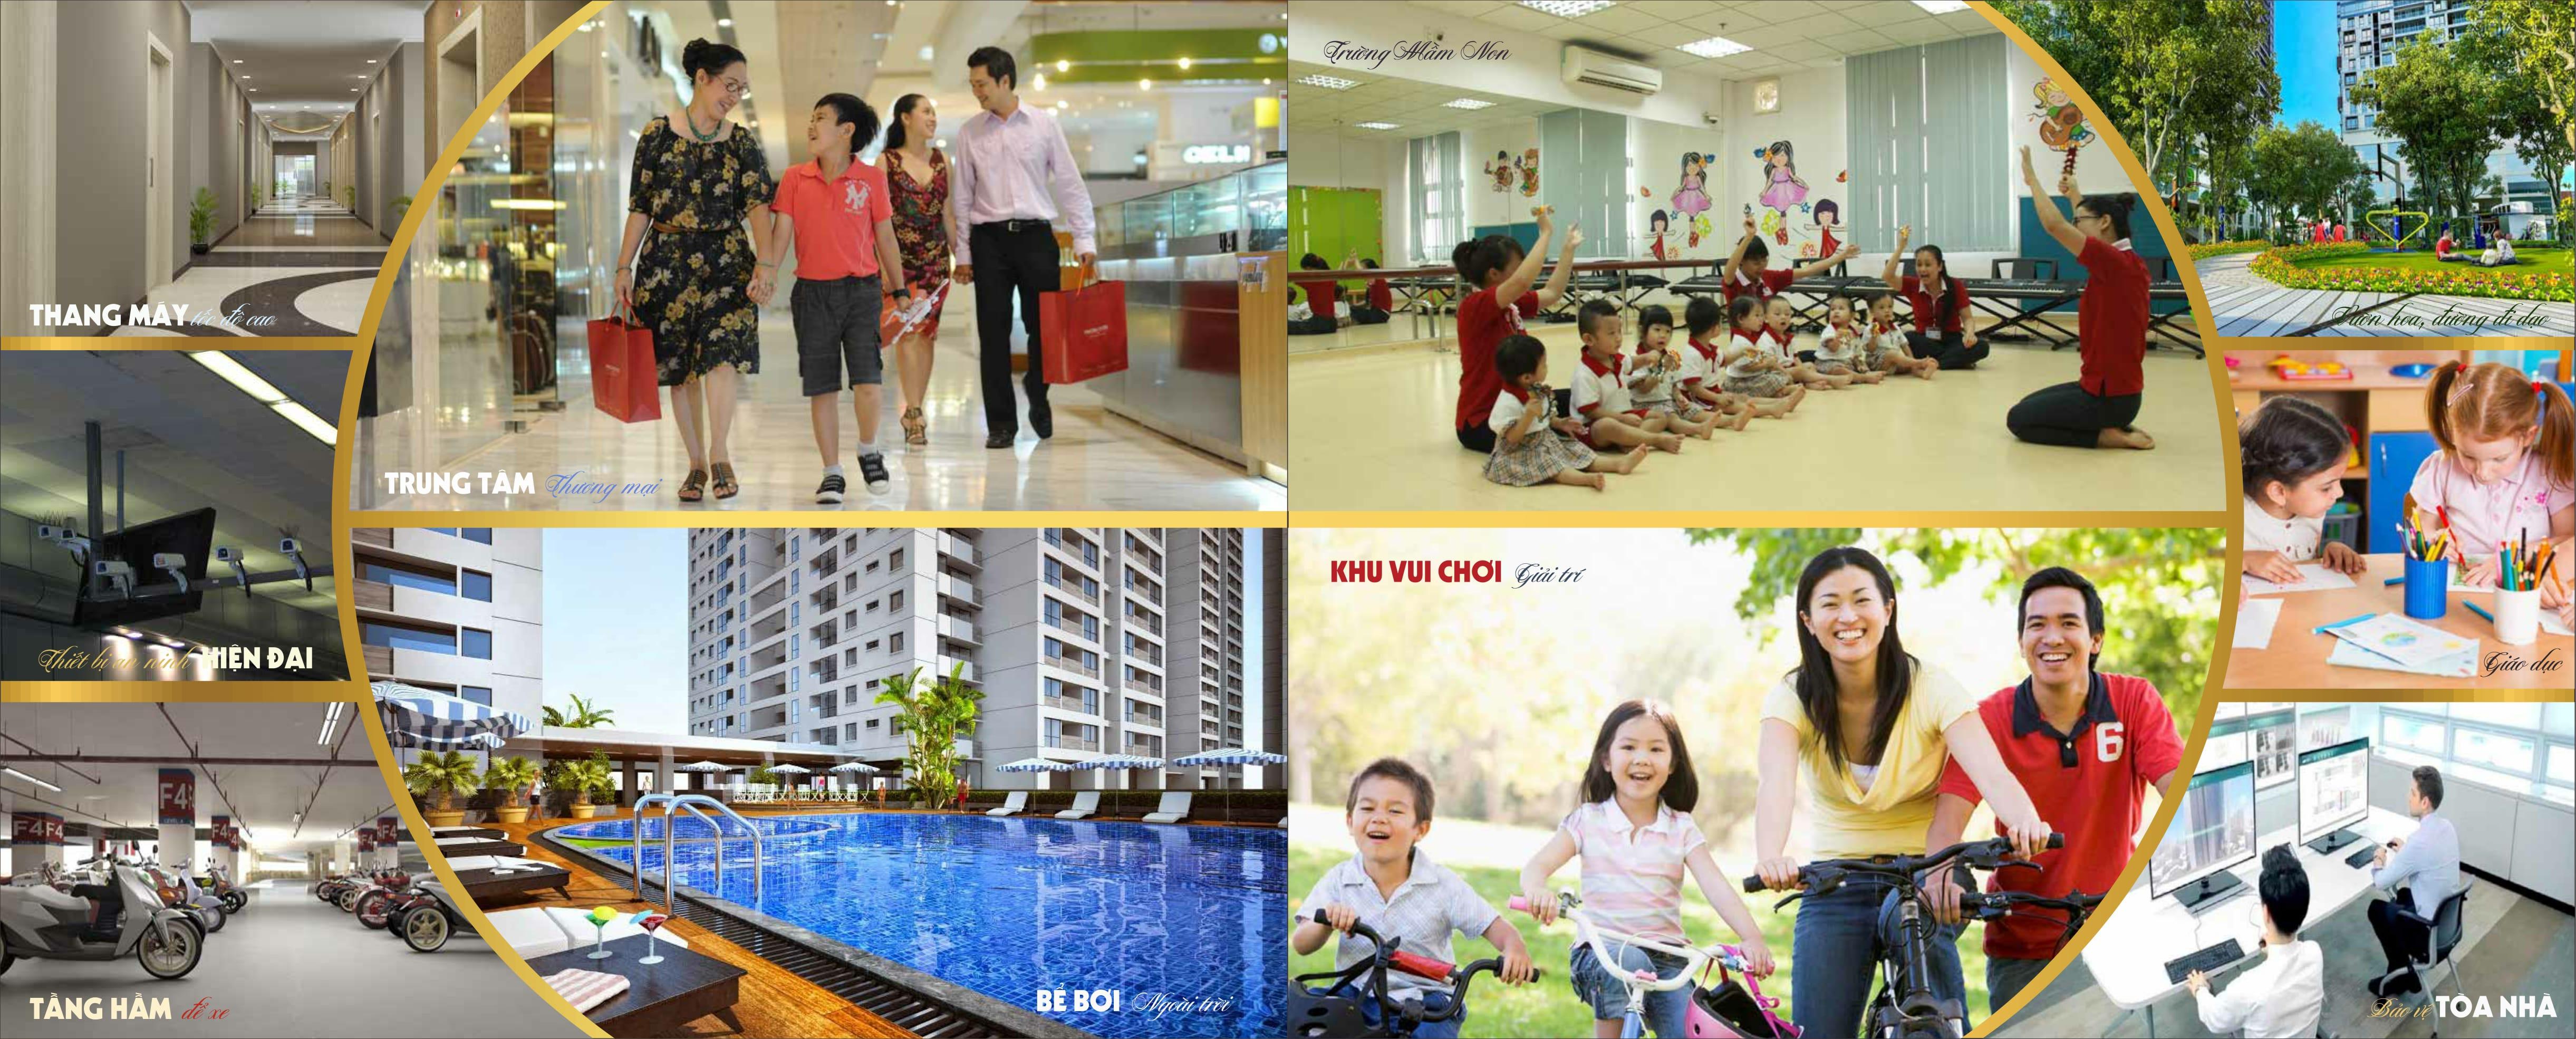 Các tiện ích nội khu của chung cư cao cấp